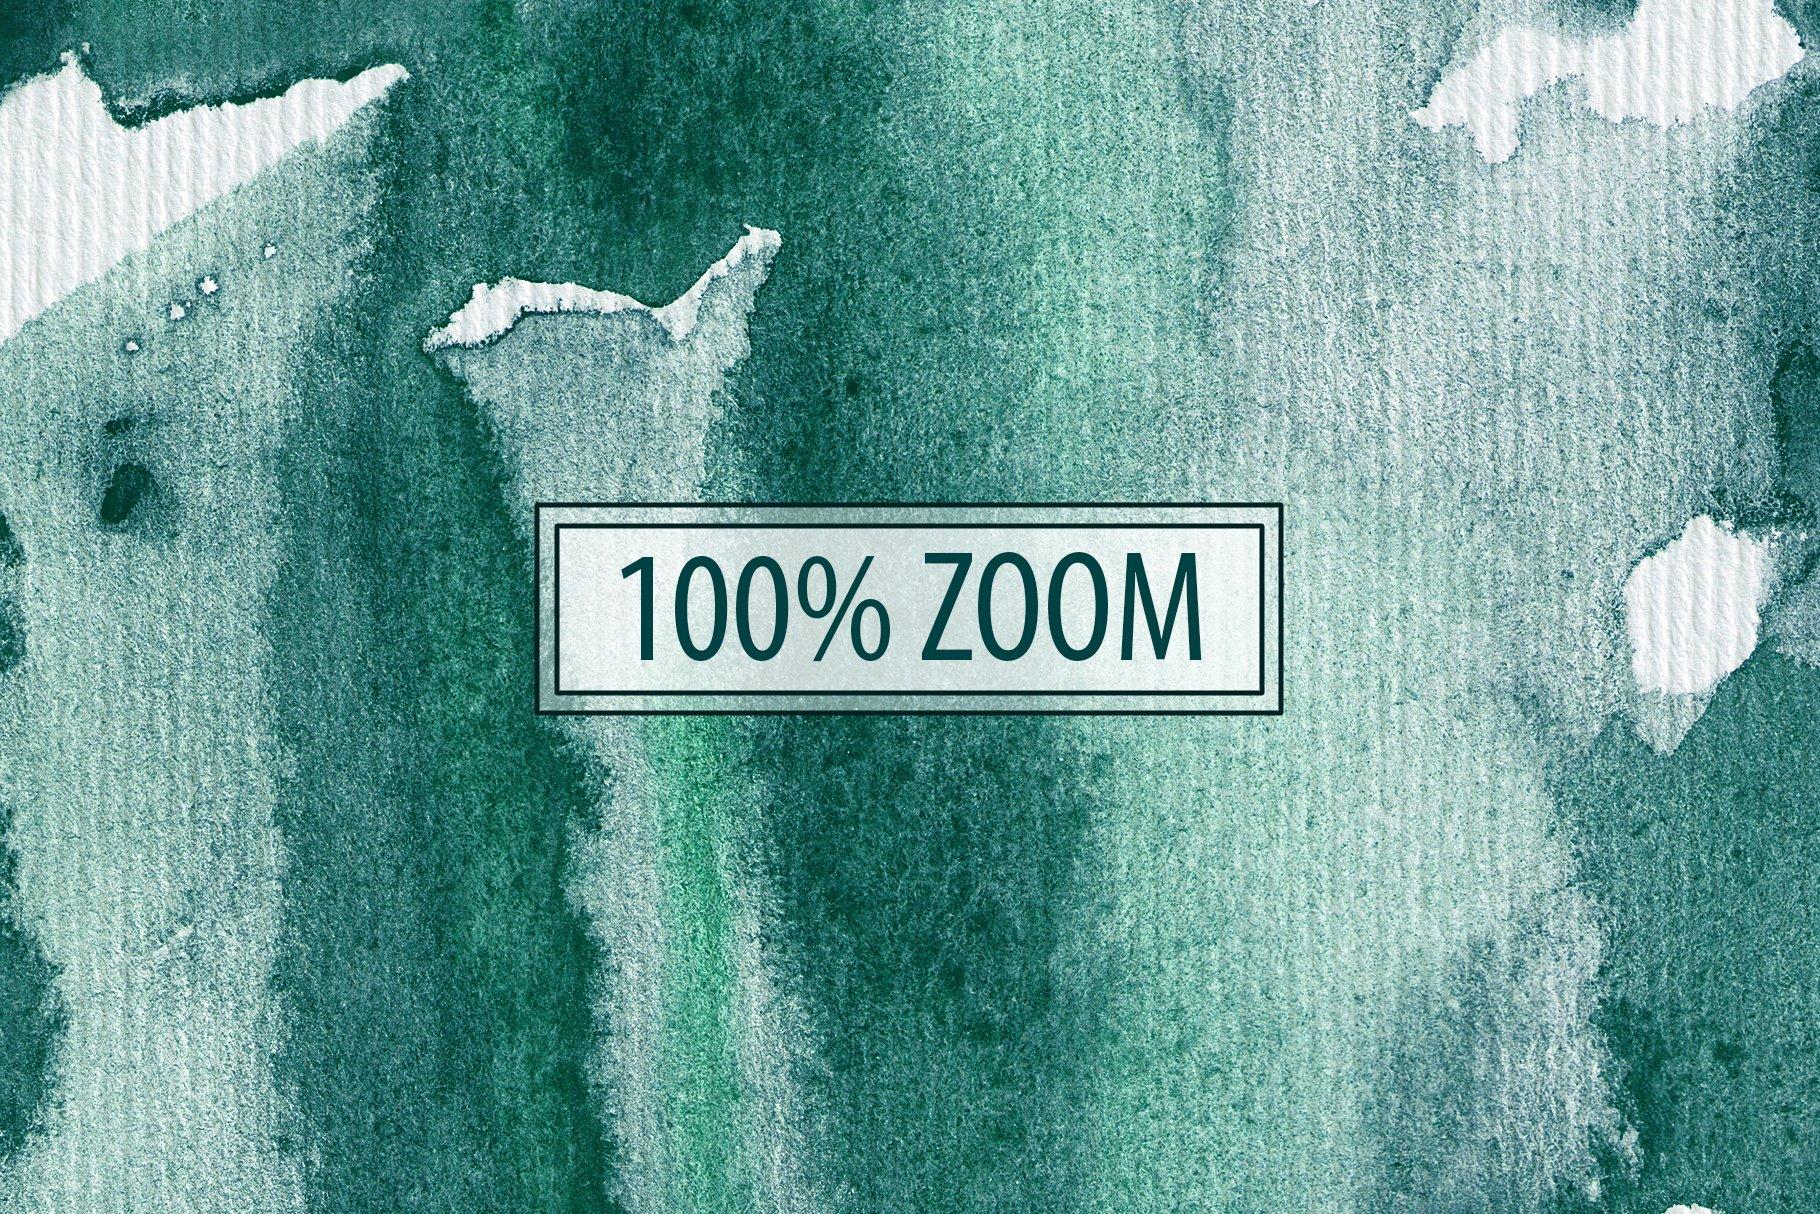 30款奢华翡翠墨绿流金水彩抽象艺术装饰背景底纹图片素材 Seamless Watercolor Backgrounds插图16